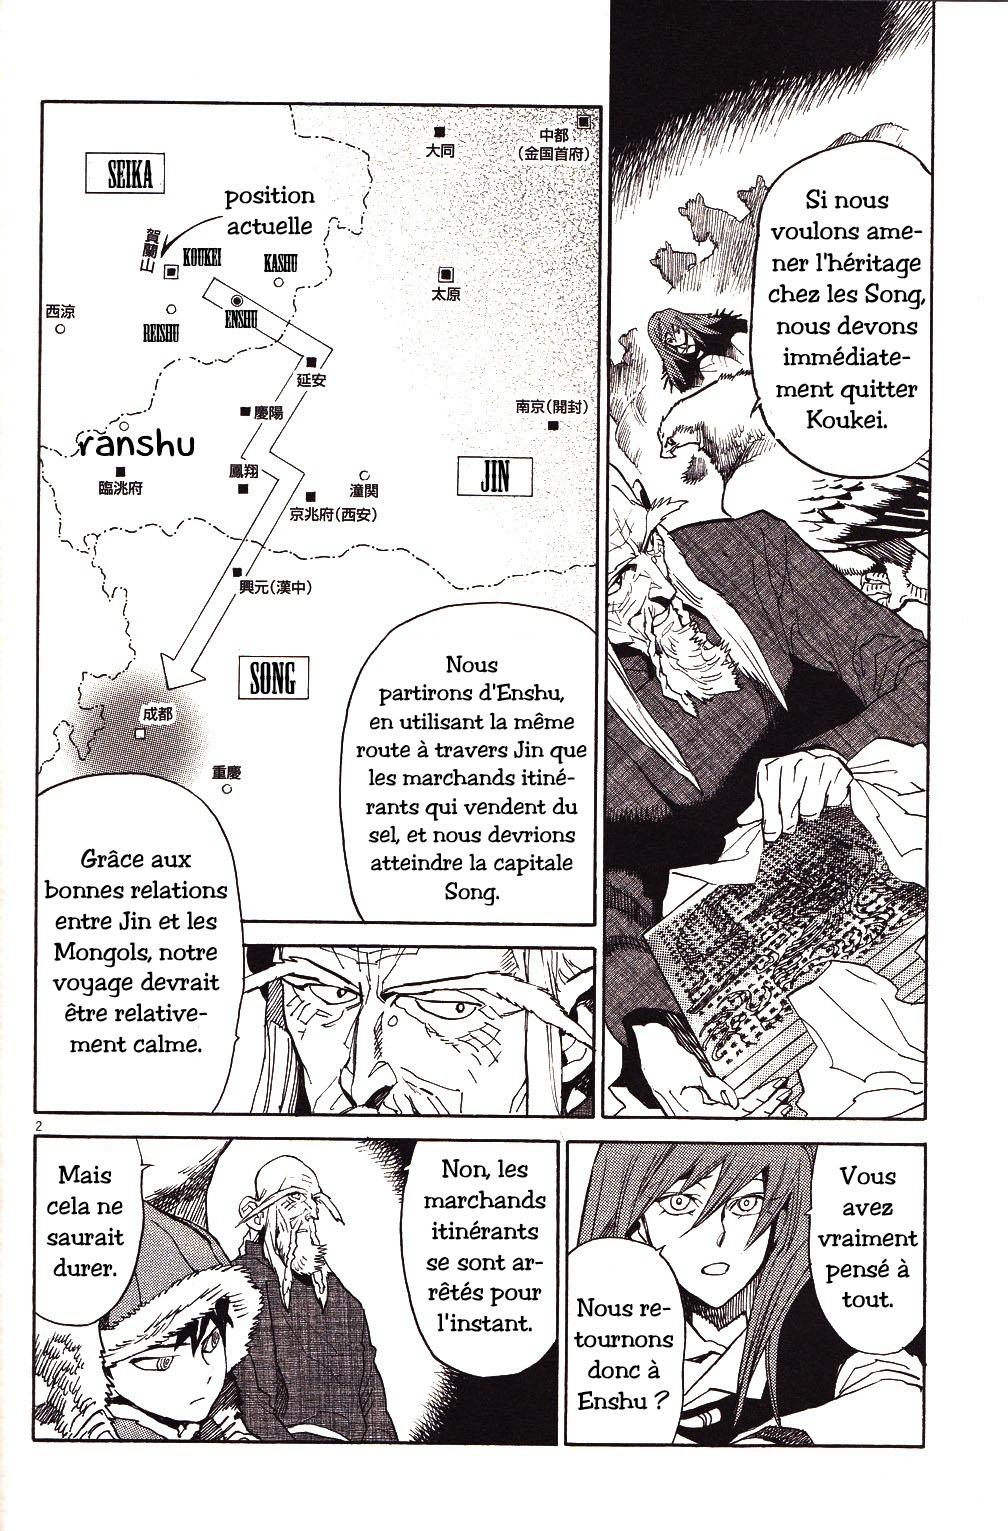 https://nine.mangadogs.com/fr_manga/pic1/30/1118/48293/ShutHell21VF_1_951.jpg Page 2